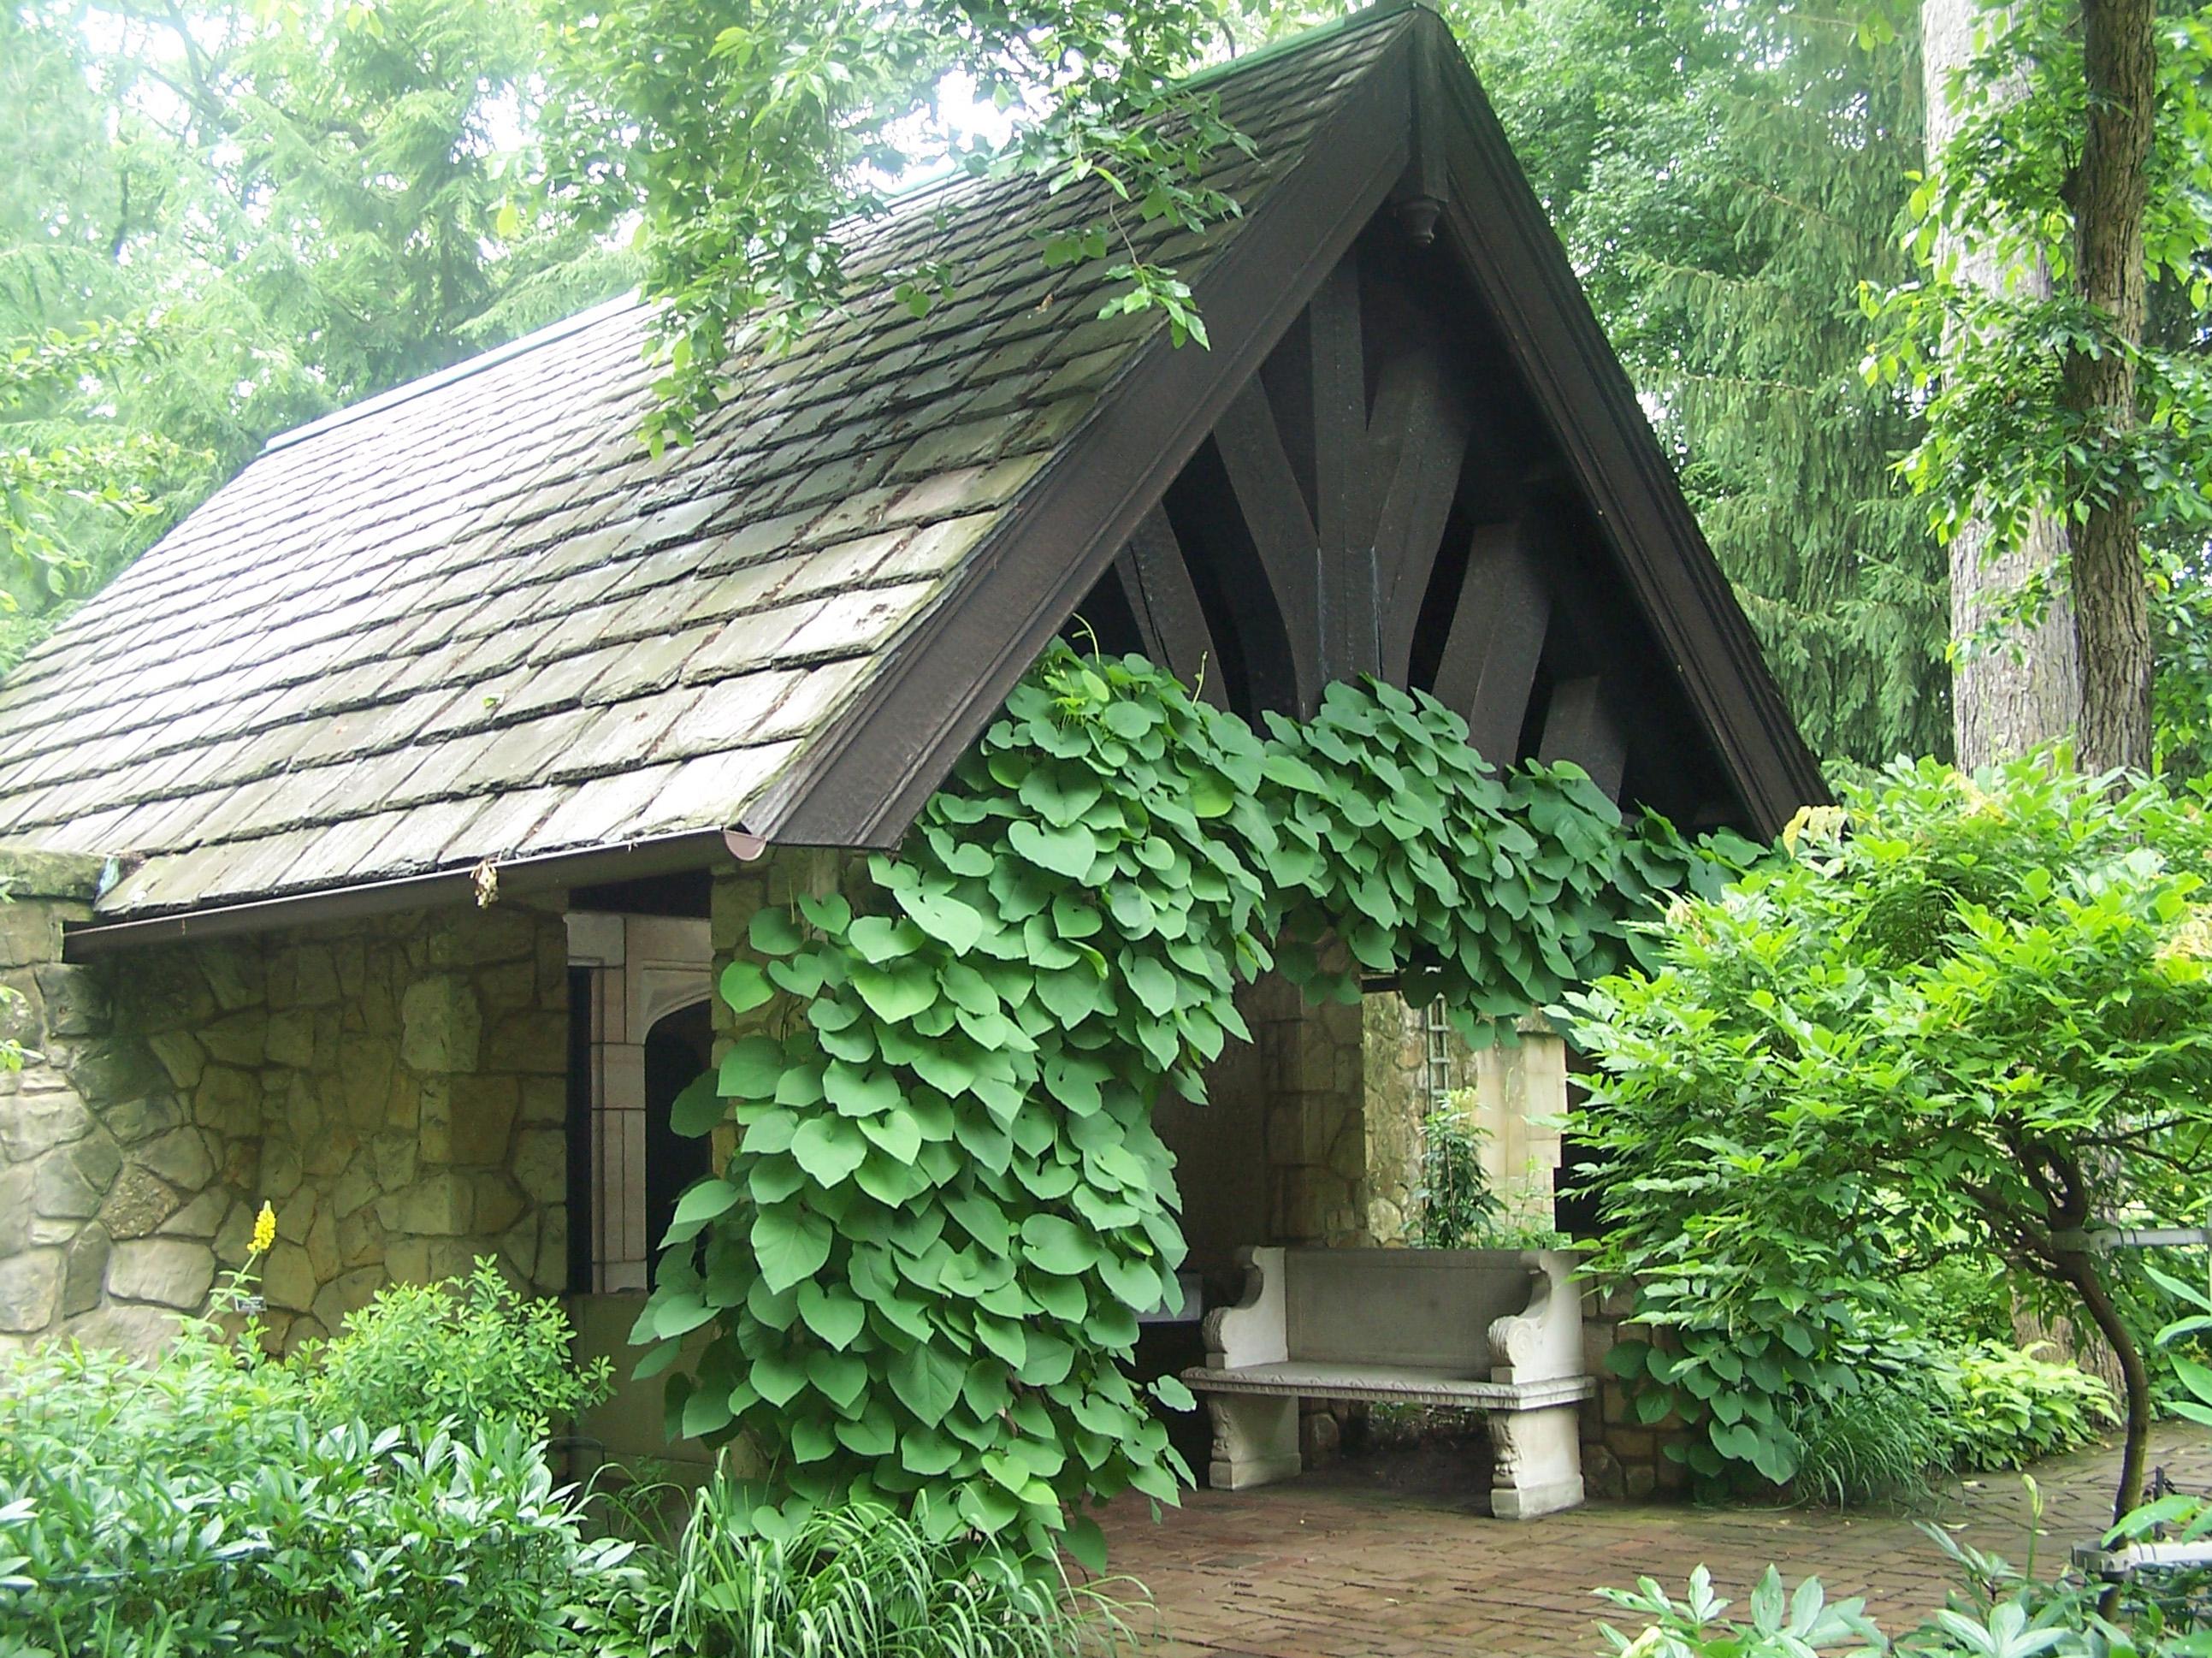 Vrtovi - Page 2 Stan-hywet-gardens-shelter-in-english-garden-june-13-2010